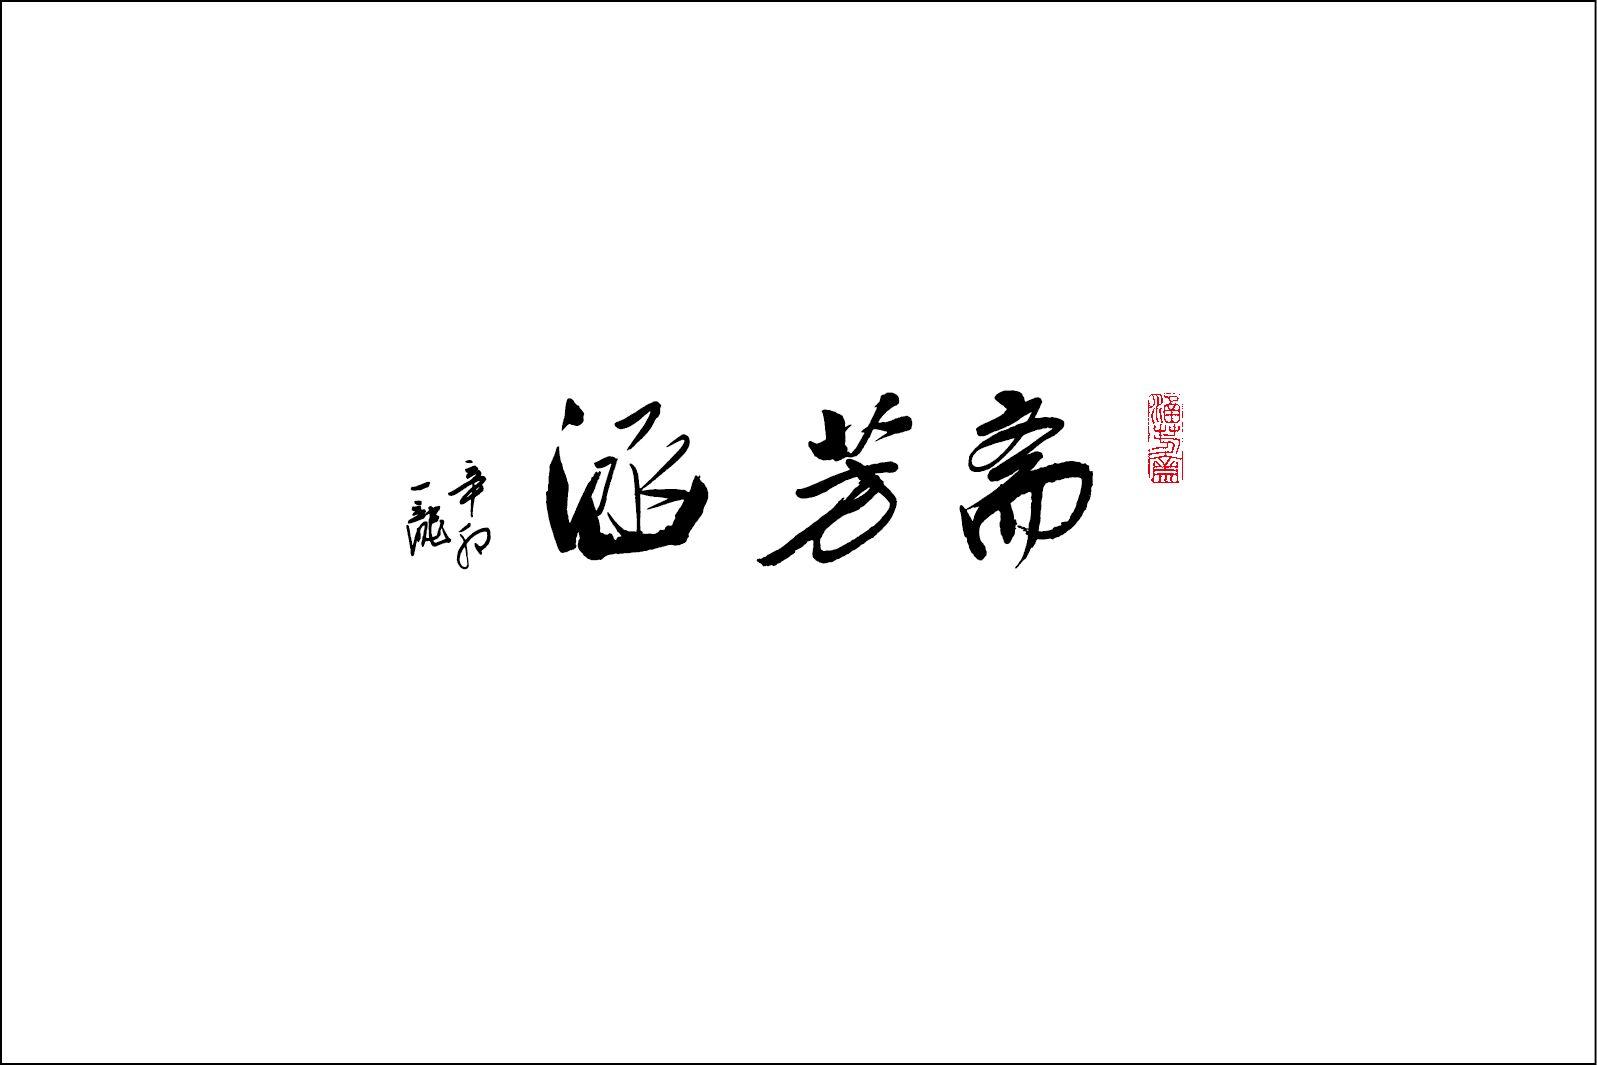 工艺logo设计图